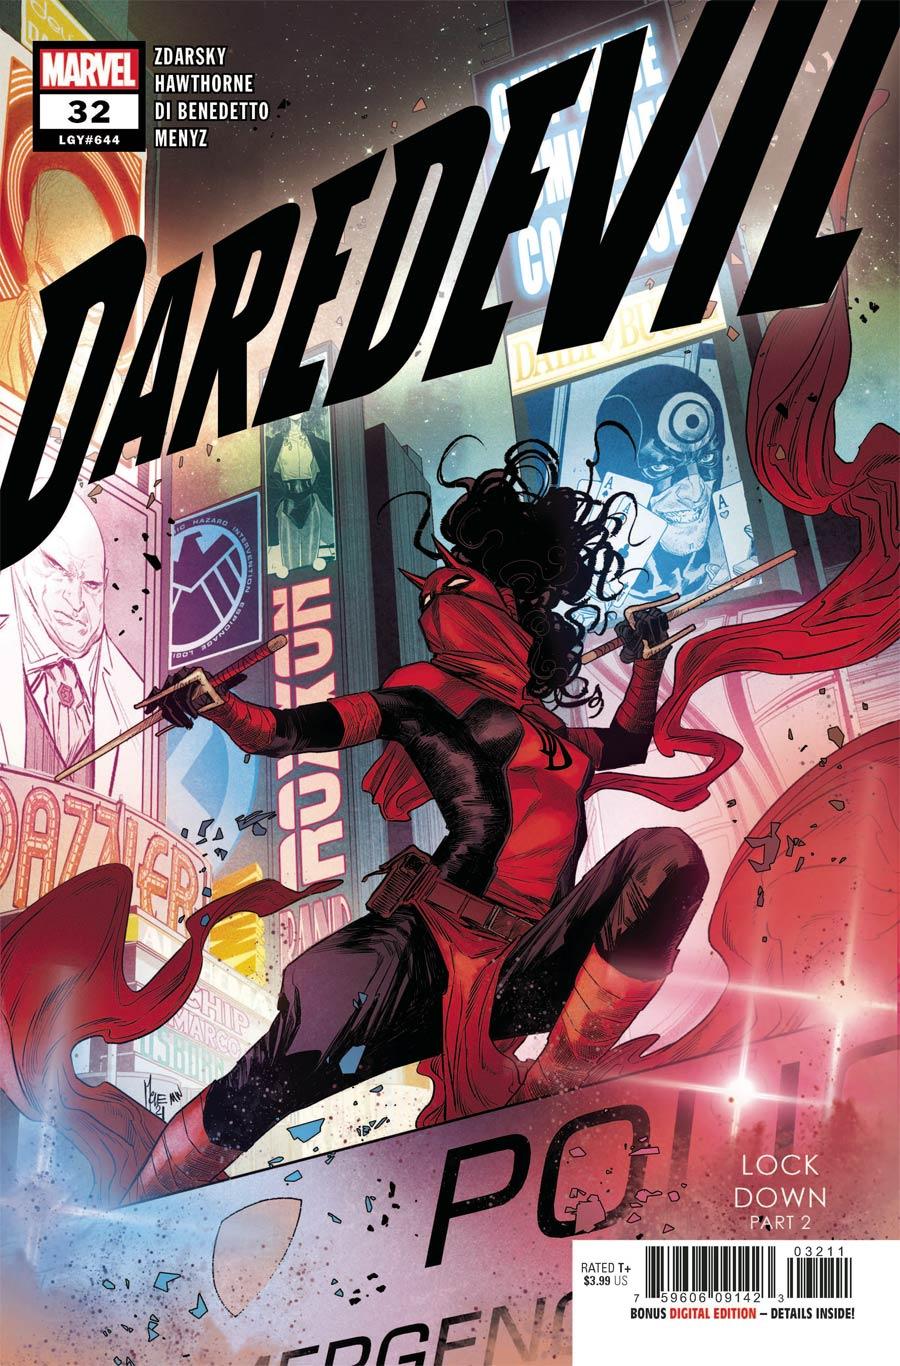 Daredevil Vol 6 #32 Cover A Regular Marco Checchetto Cover